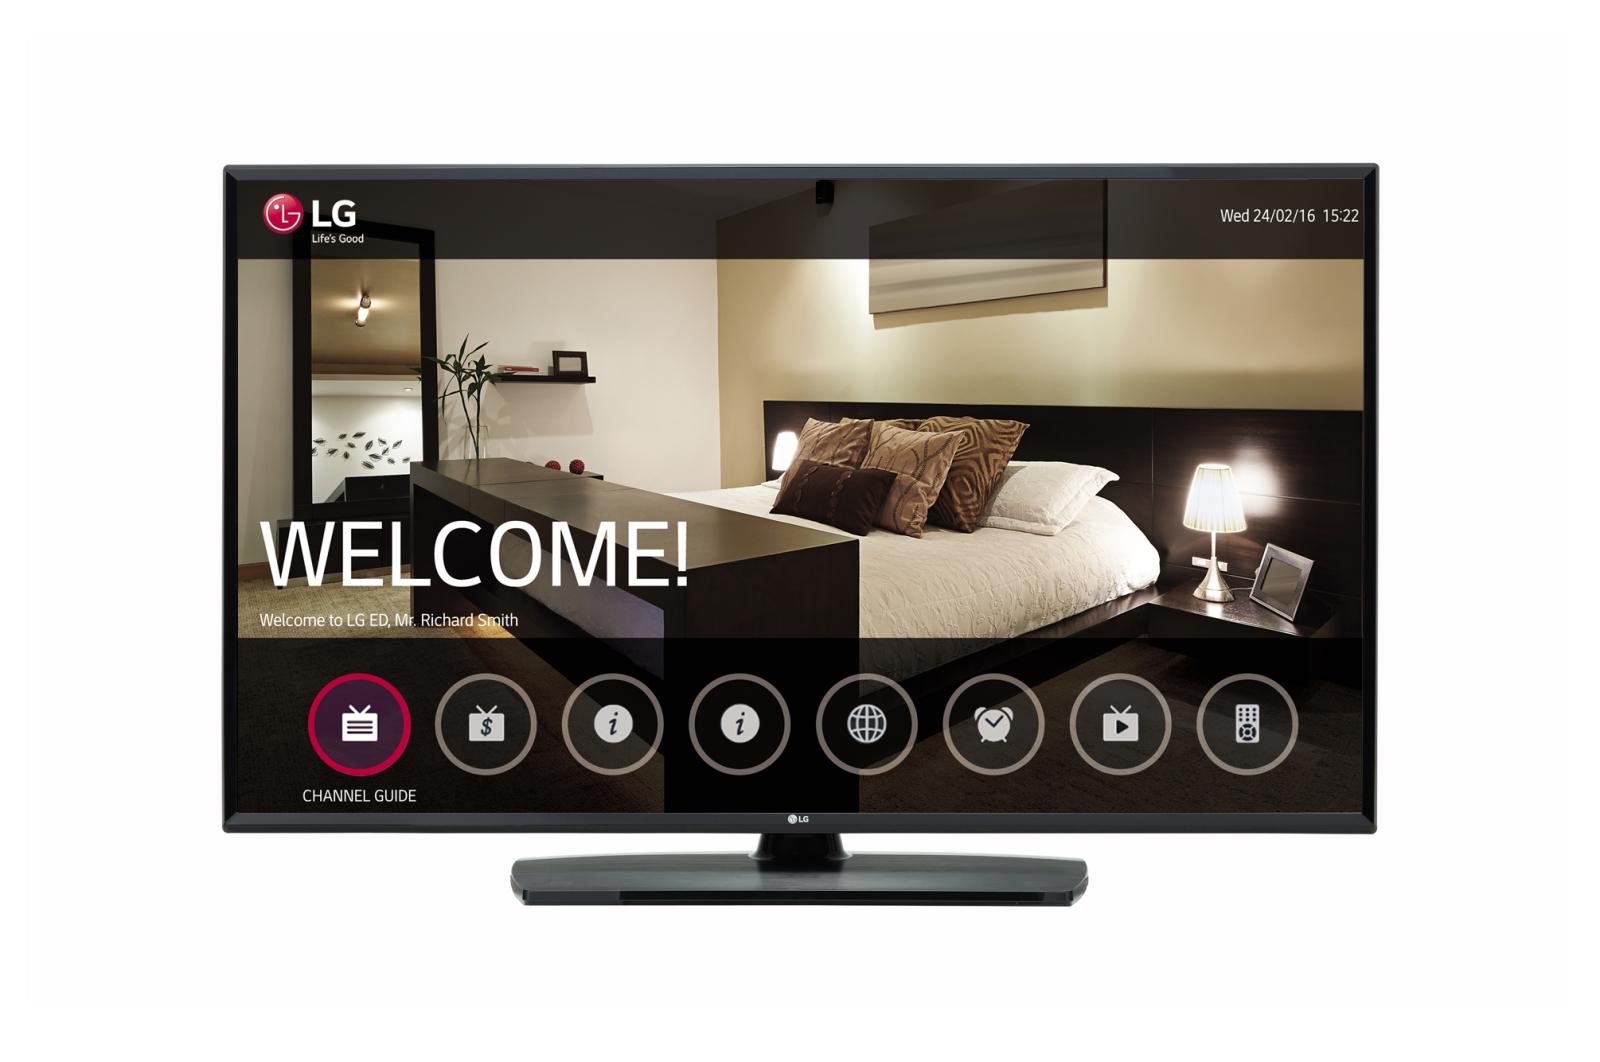 LG HOTEL TV 43 43LU341H